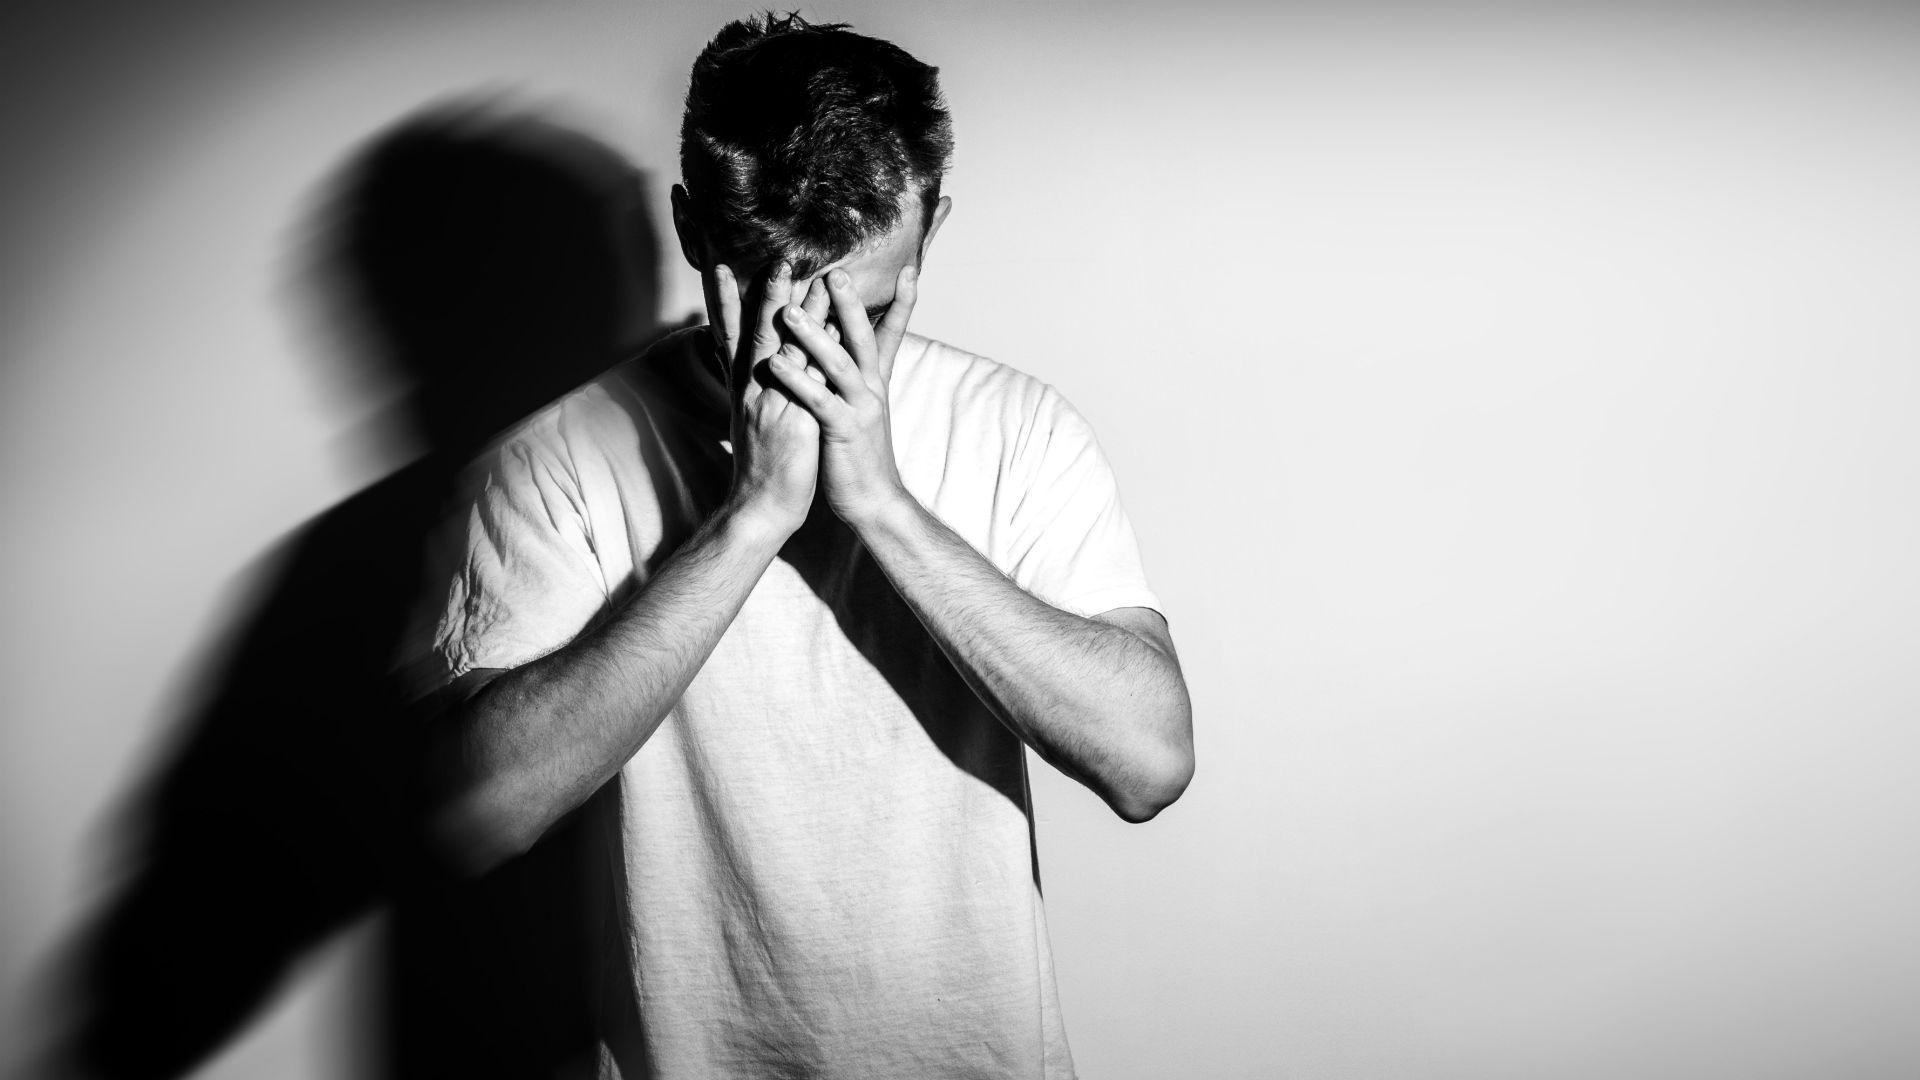 El estigma social sobre las personas con trastornos mentales puede llevar al auto-estigma. Como se las discrimina o se las trata diferente, se sienten que están destinados a la cronicidad de la enfermedad, señaló el médico psiquiatra Daniel Abadi, de Proyecto Suma.